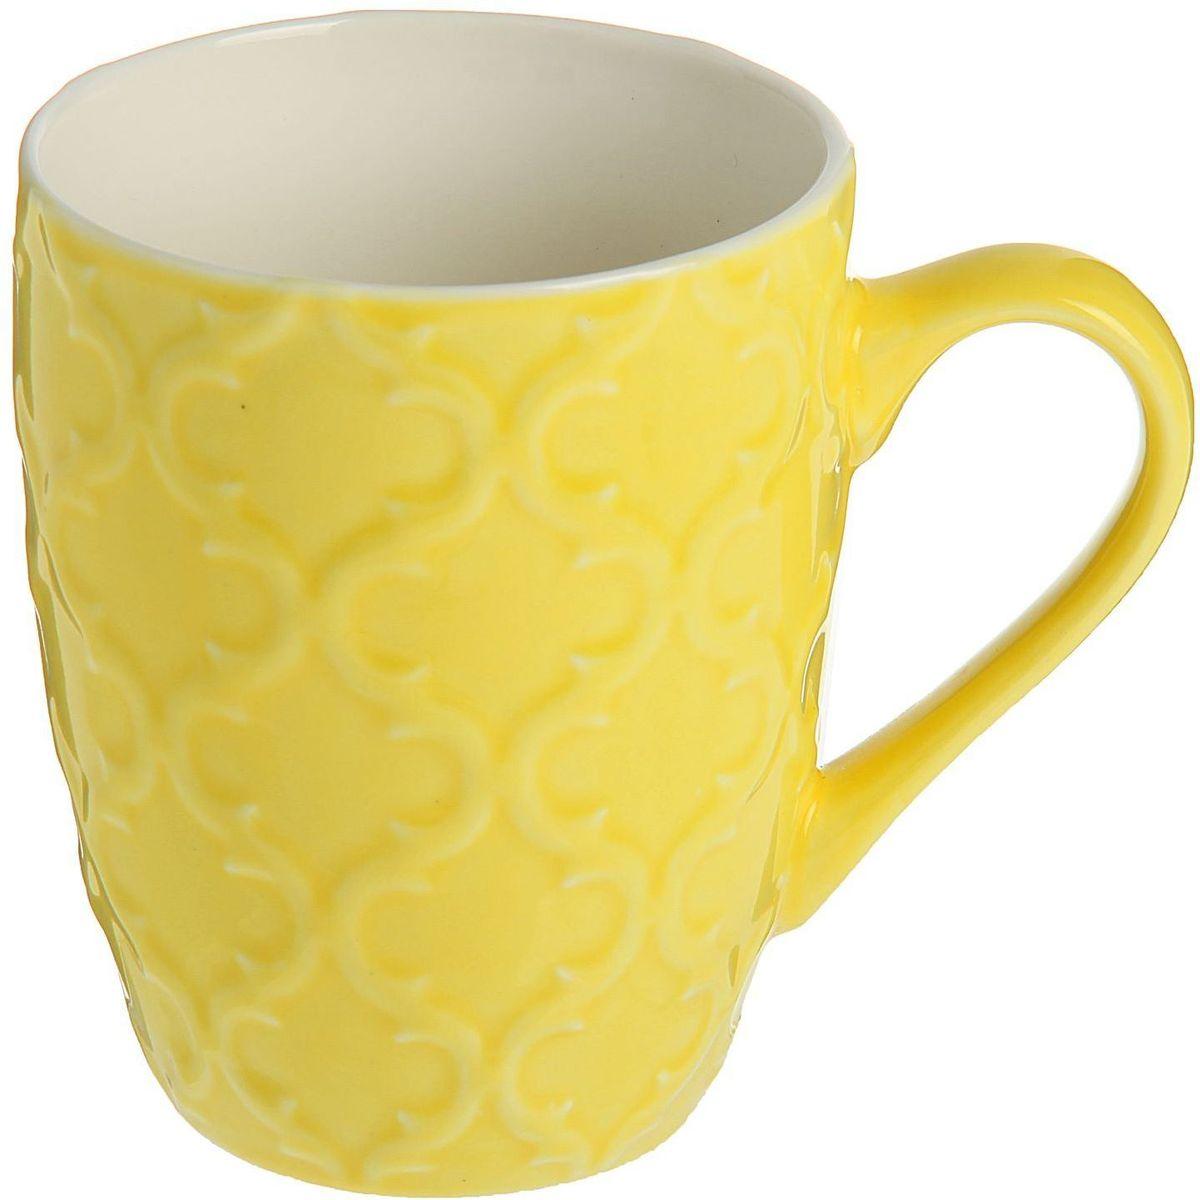 Кружка Доляна Орнамент, цвет: желтый, 320 мл1625301Кружка Доляна Орнамент изготовлена из керамики. Она украшена оригинальным выпуклым орнаментом.Кружка станет отличным подарком для родных и близких. Это любимый аксессуар на долгие годы. Относитесь к изделию бережно, и оно будет дарить прекрасное настроение каждый день.